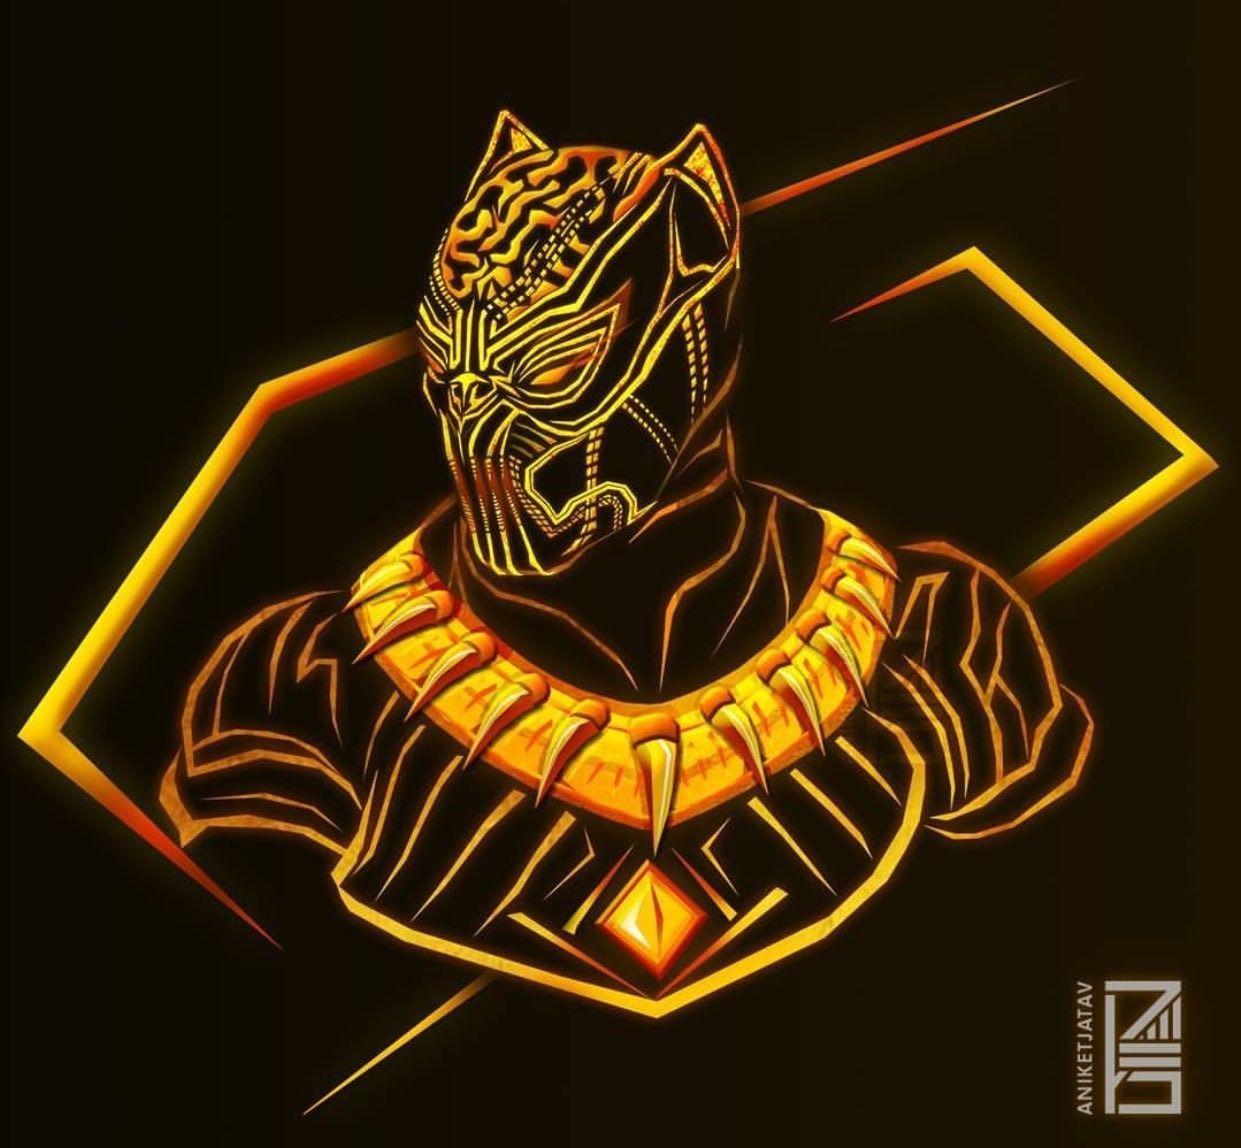 Black Panther Golden Jaguar MarvelComics Raven Pantera negra 1241x1148